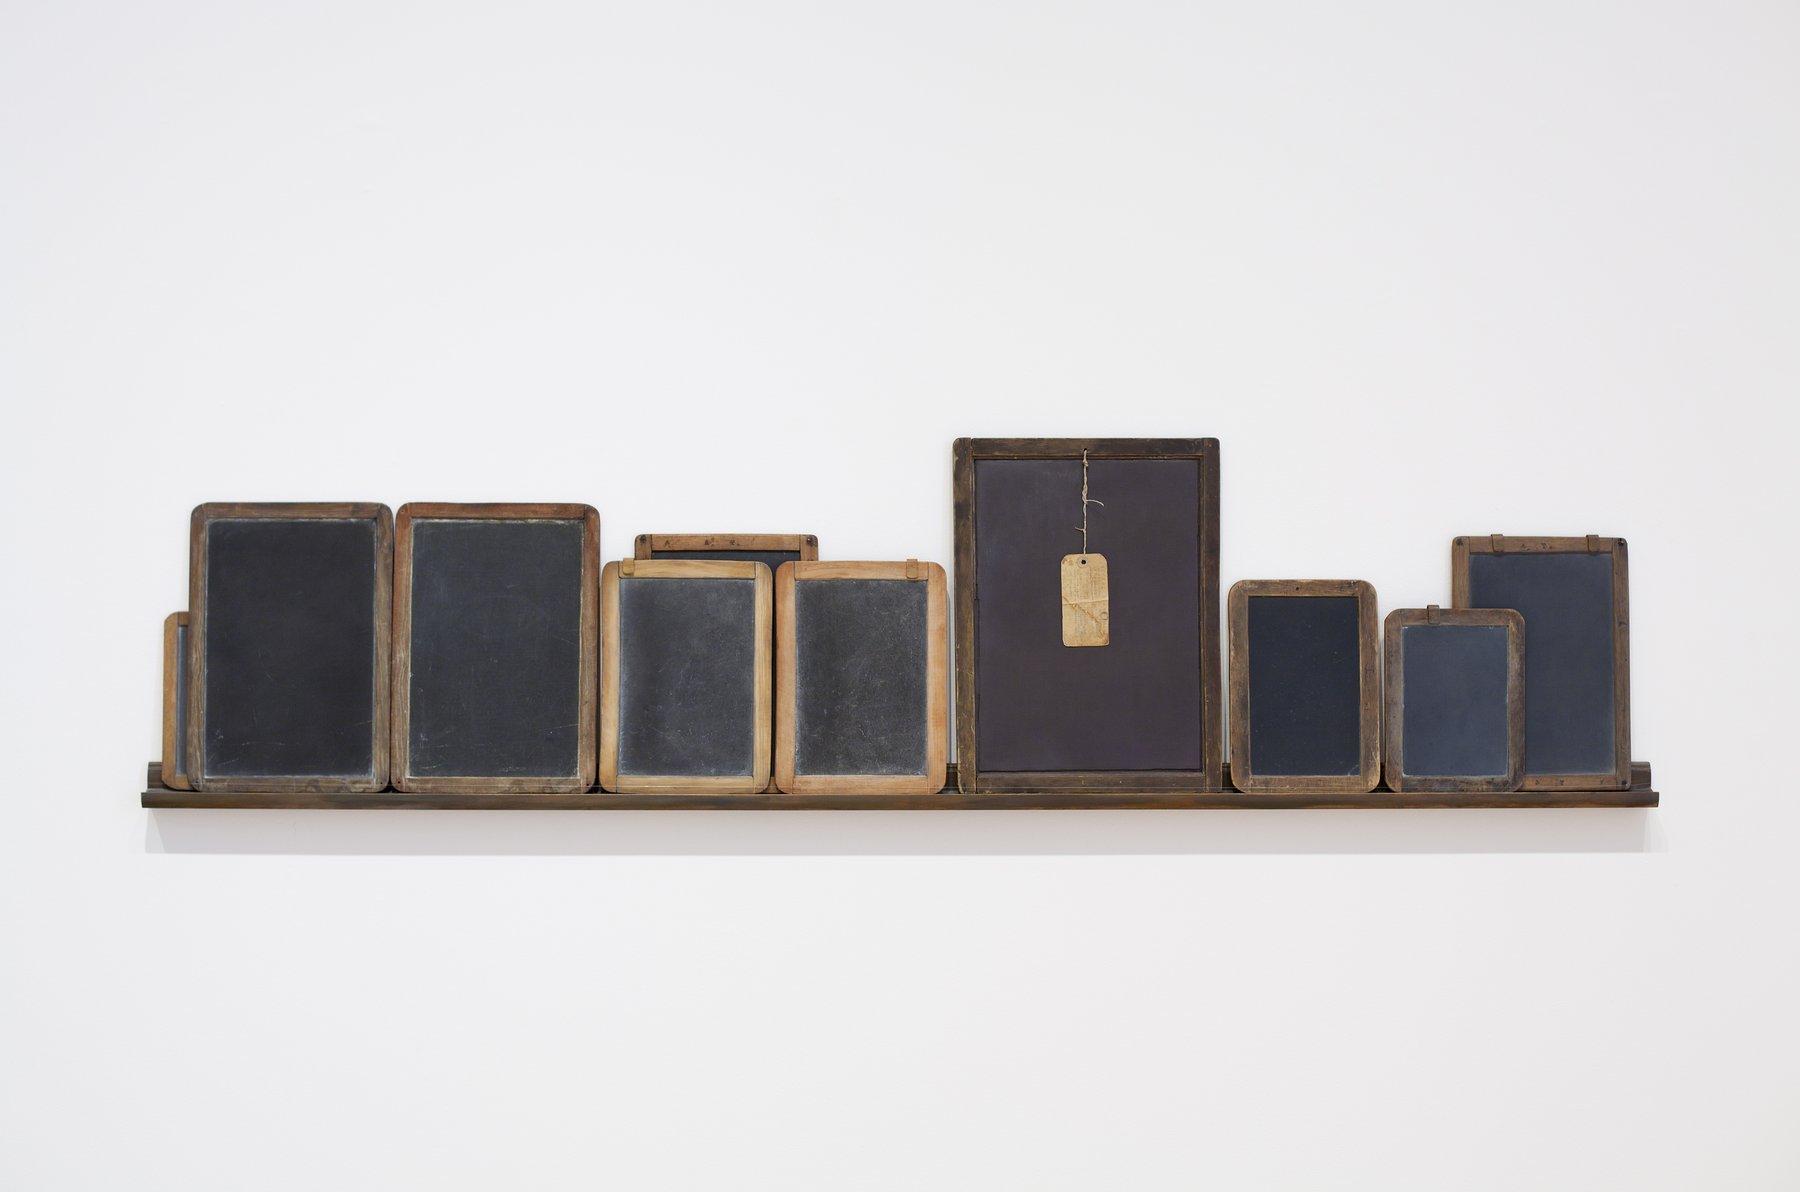 several rectangular wooden objects on a shelf, Vija Celmins